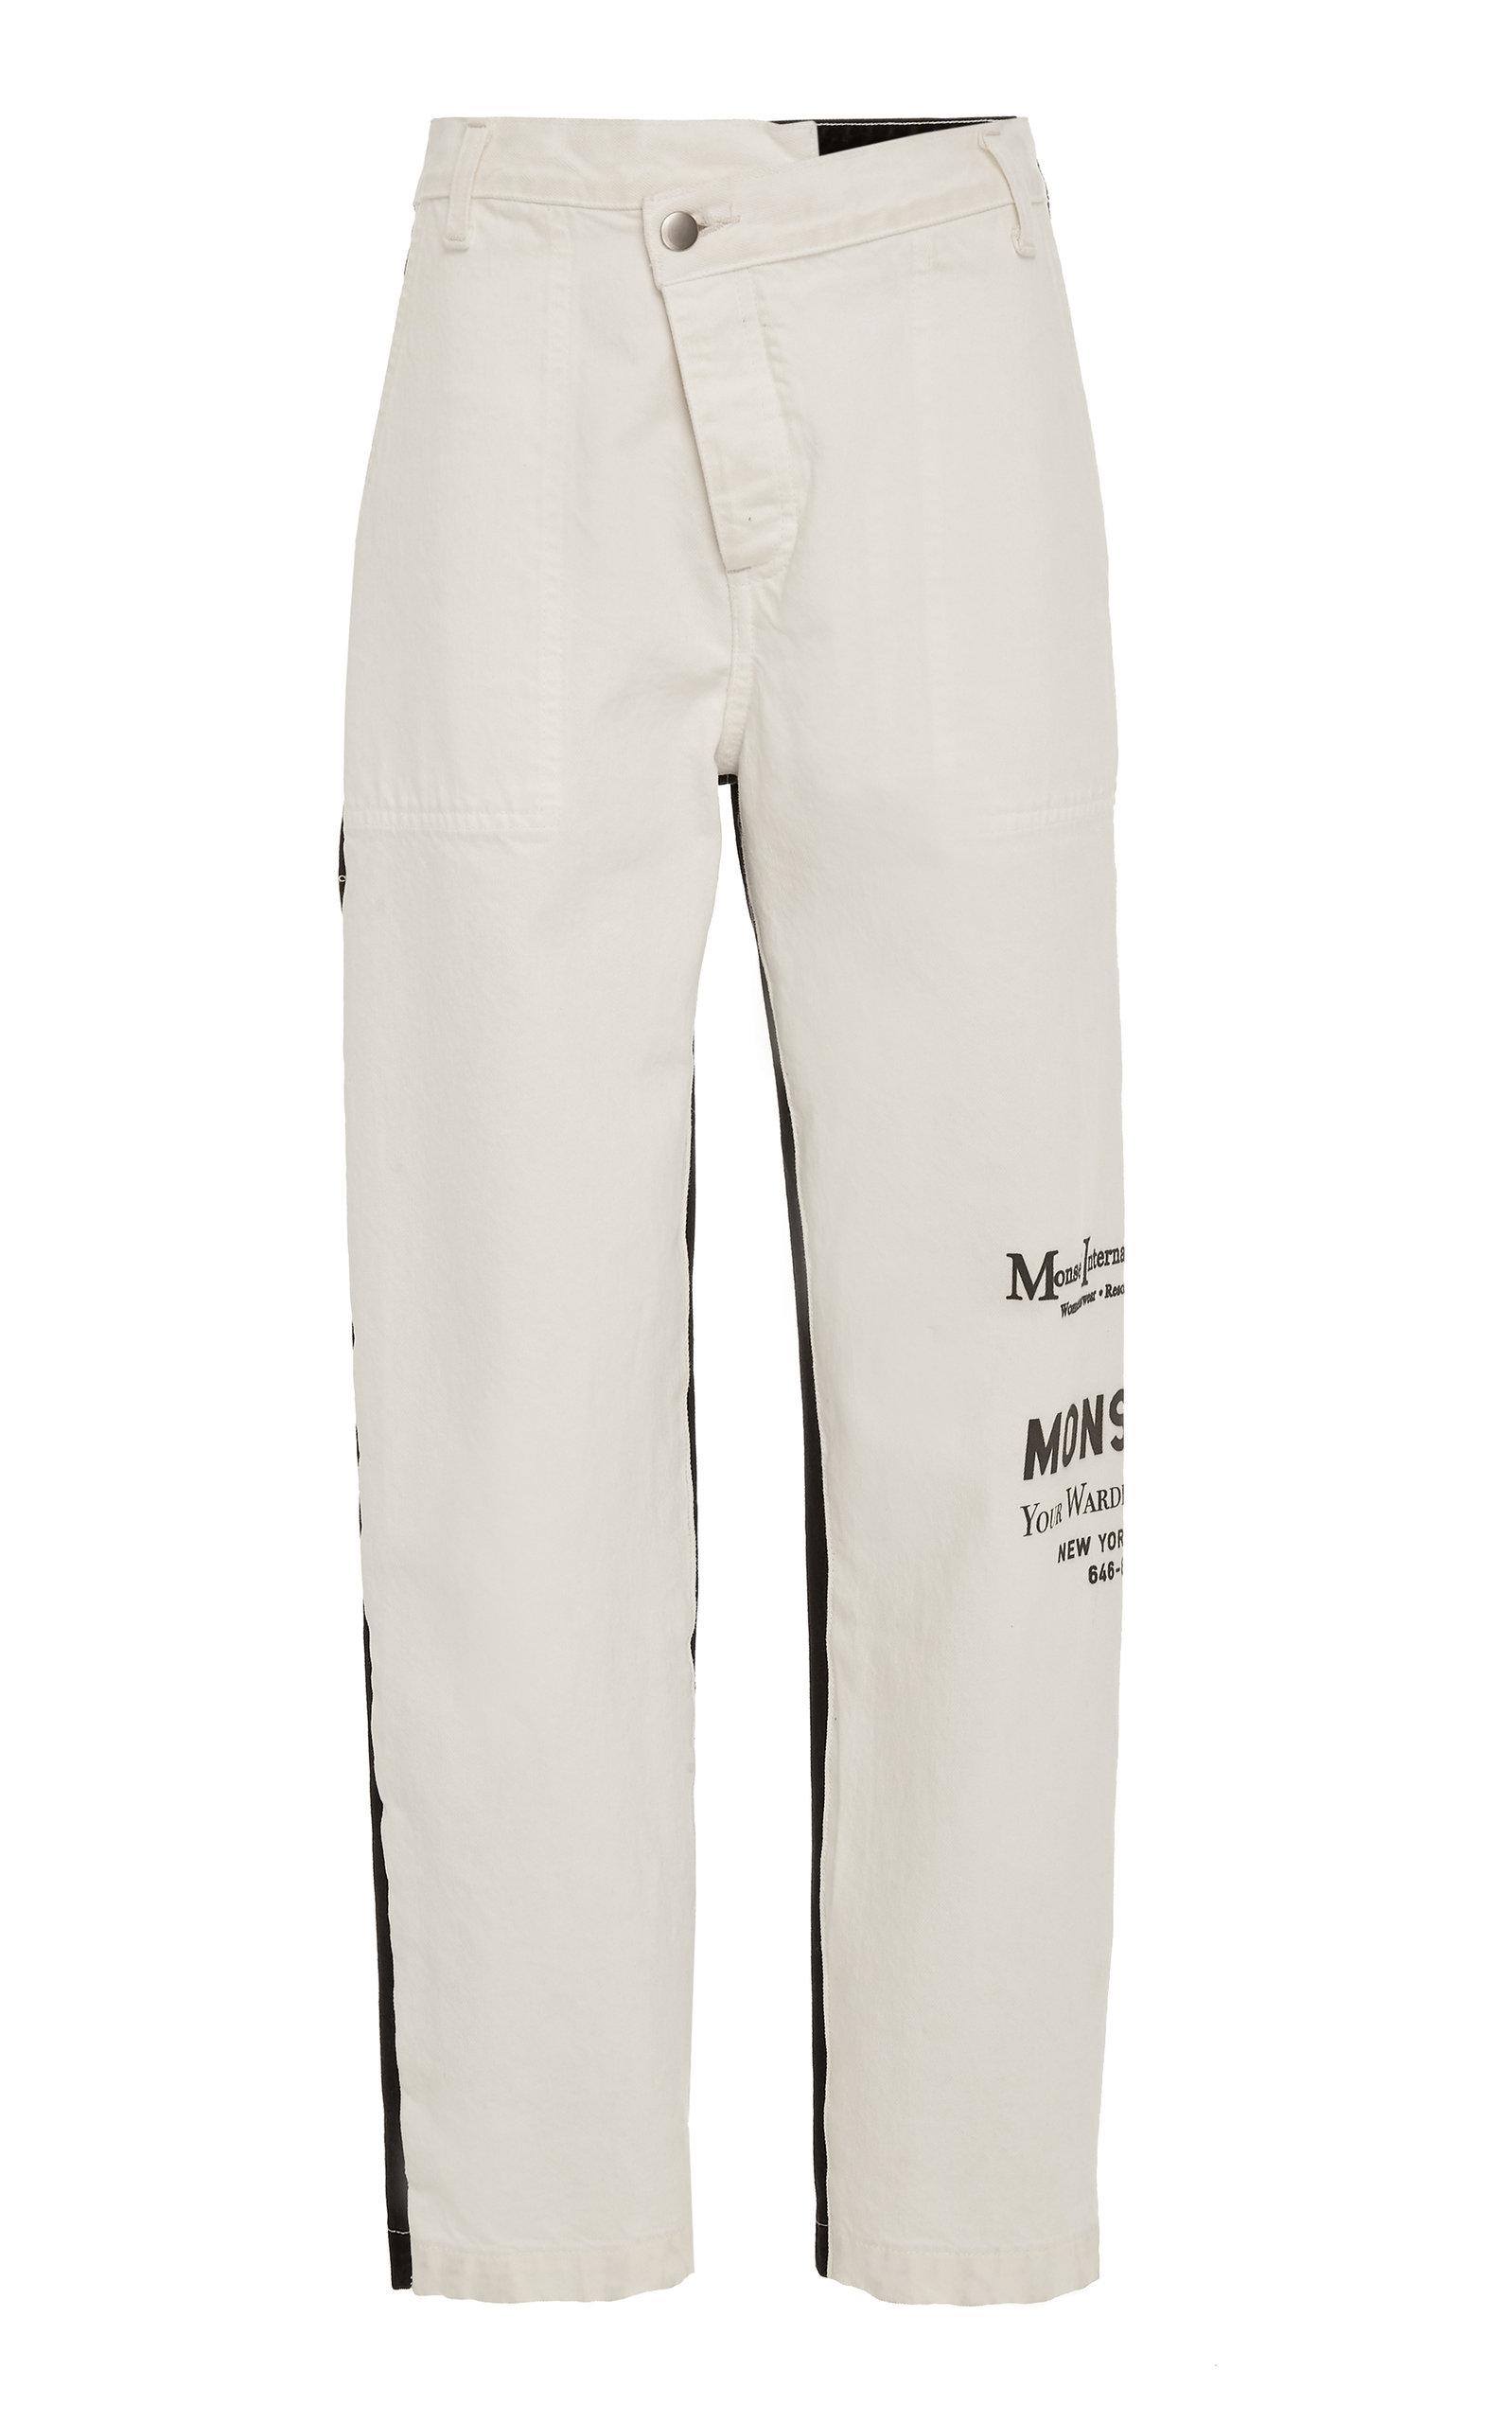 dacfcf3f55 Monse Half Half Jeans In Black White